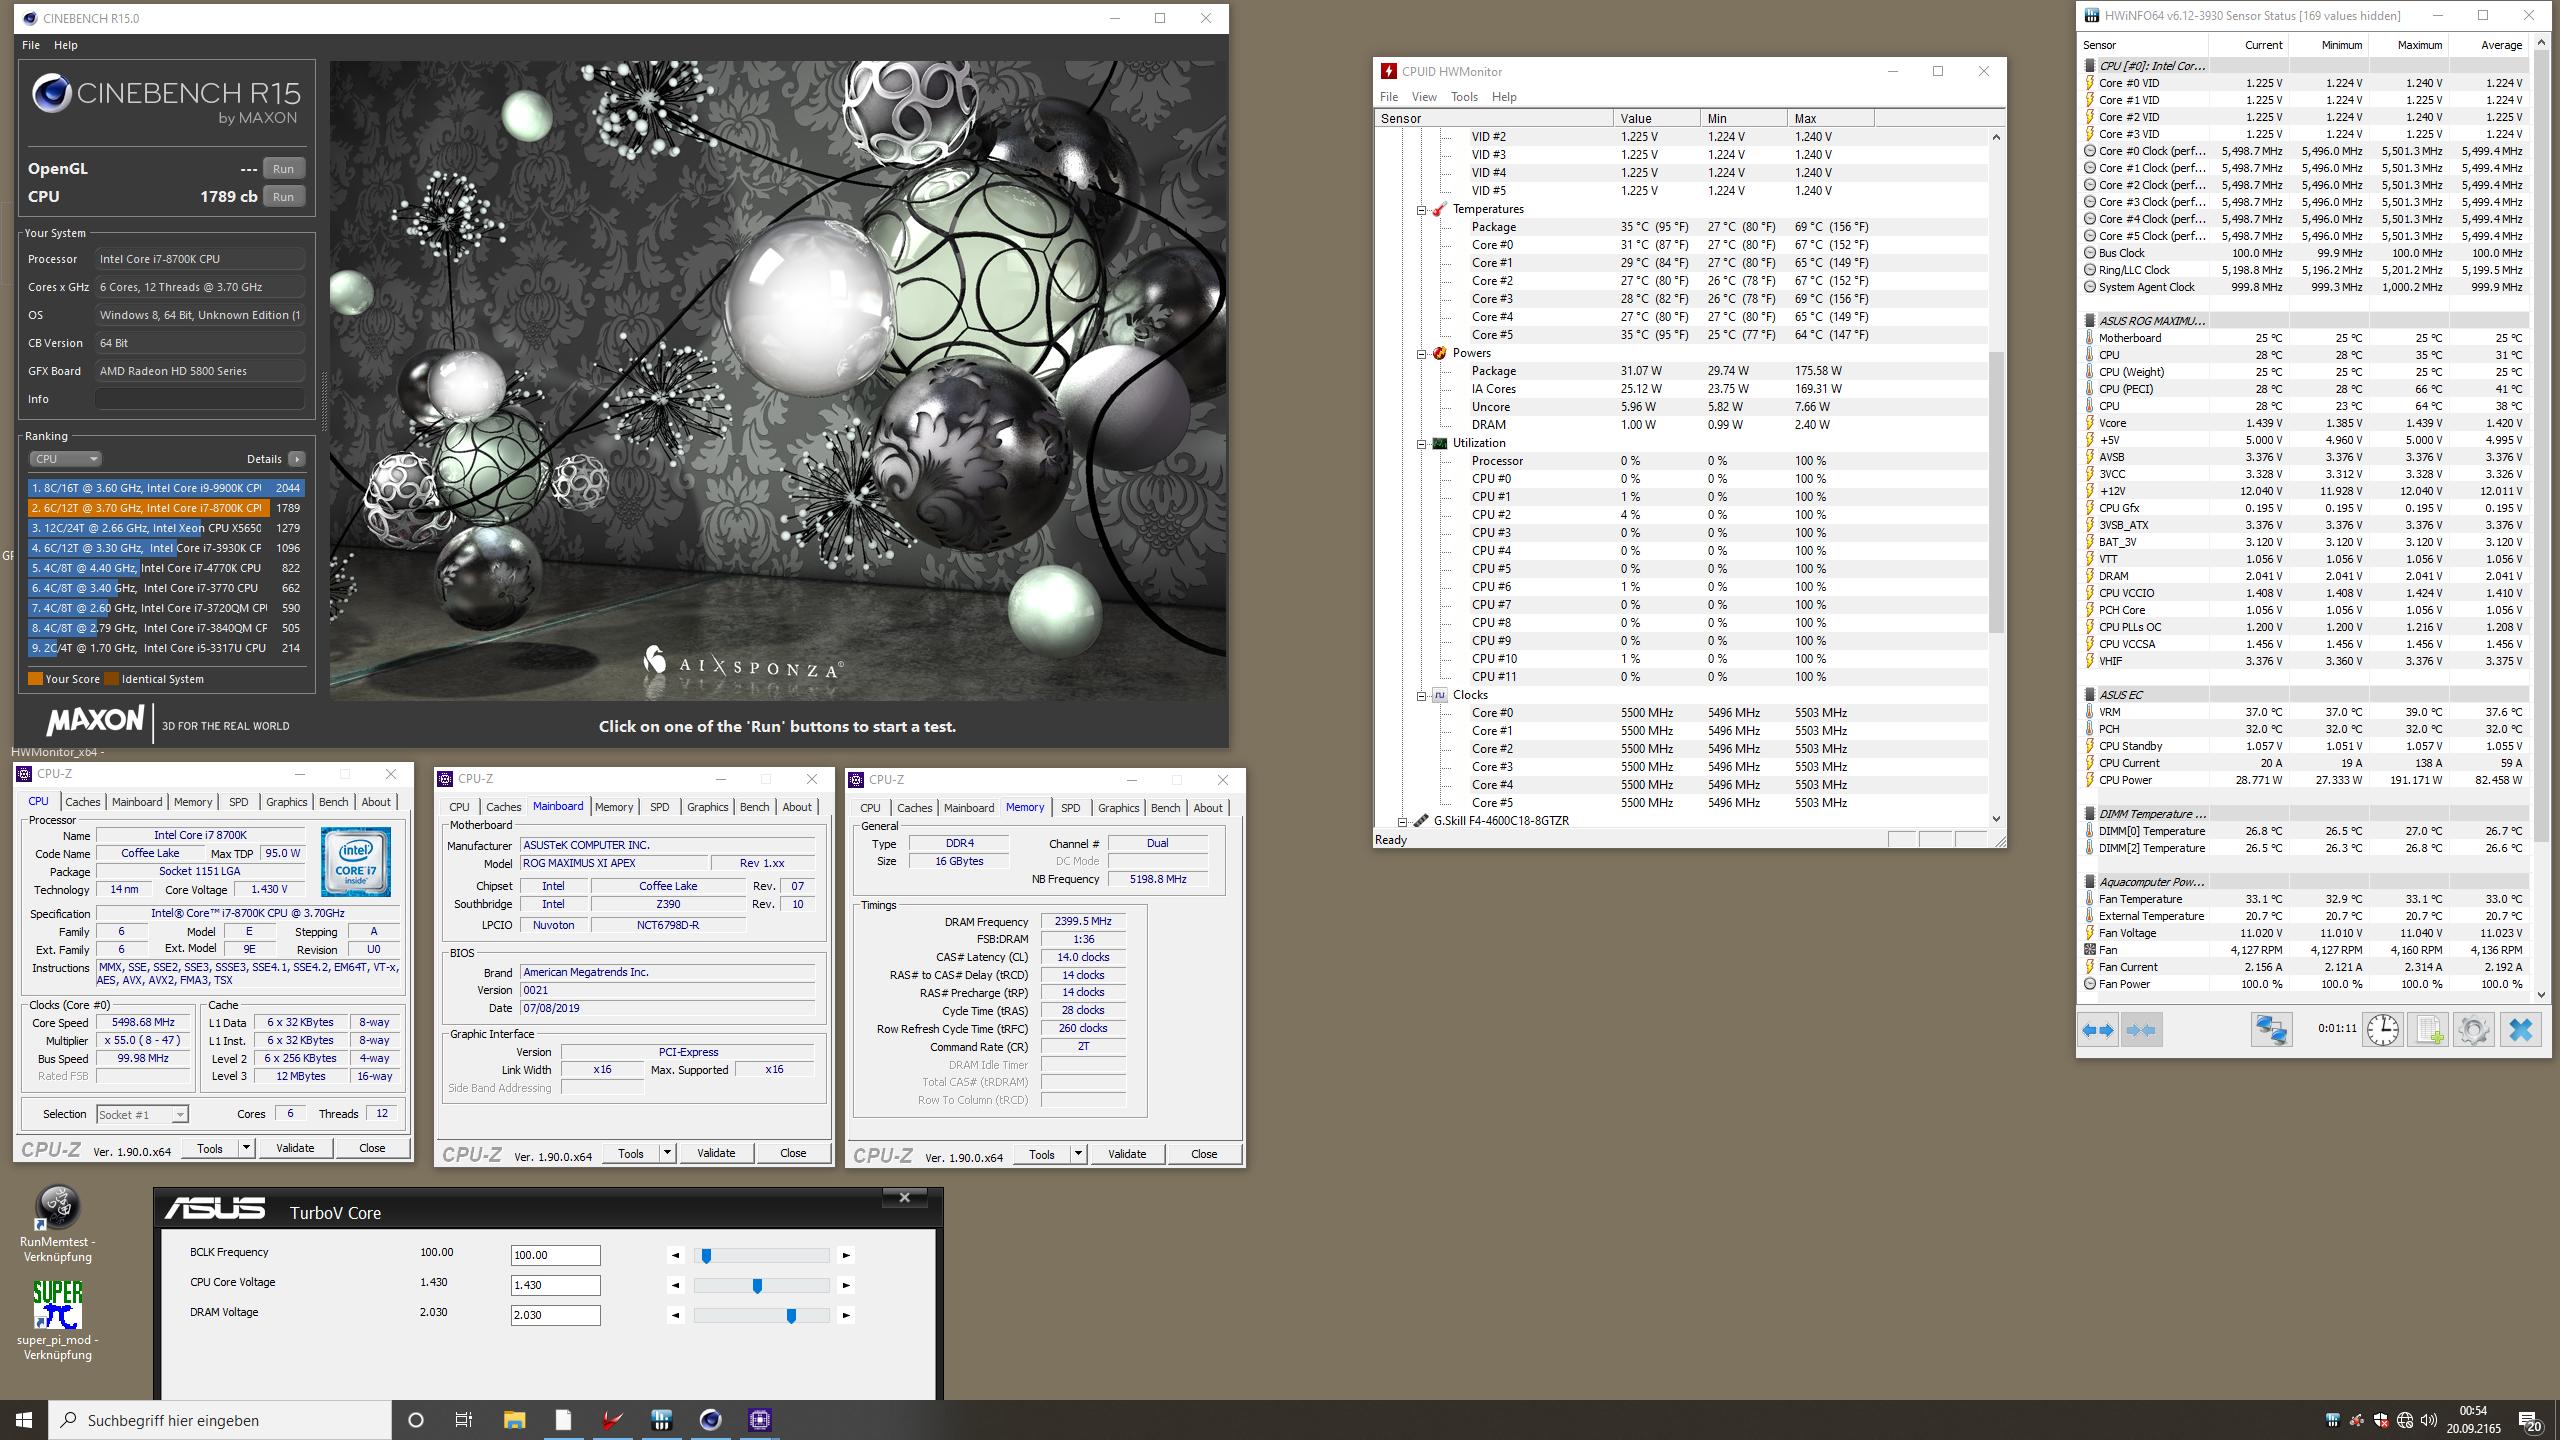 screenshot1097ckq3.png